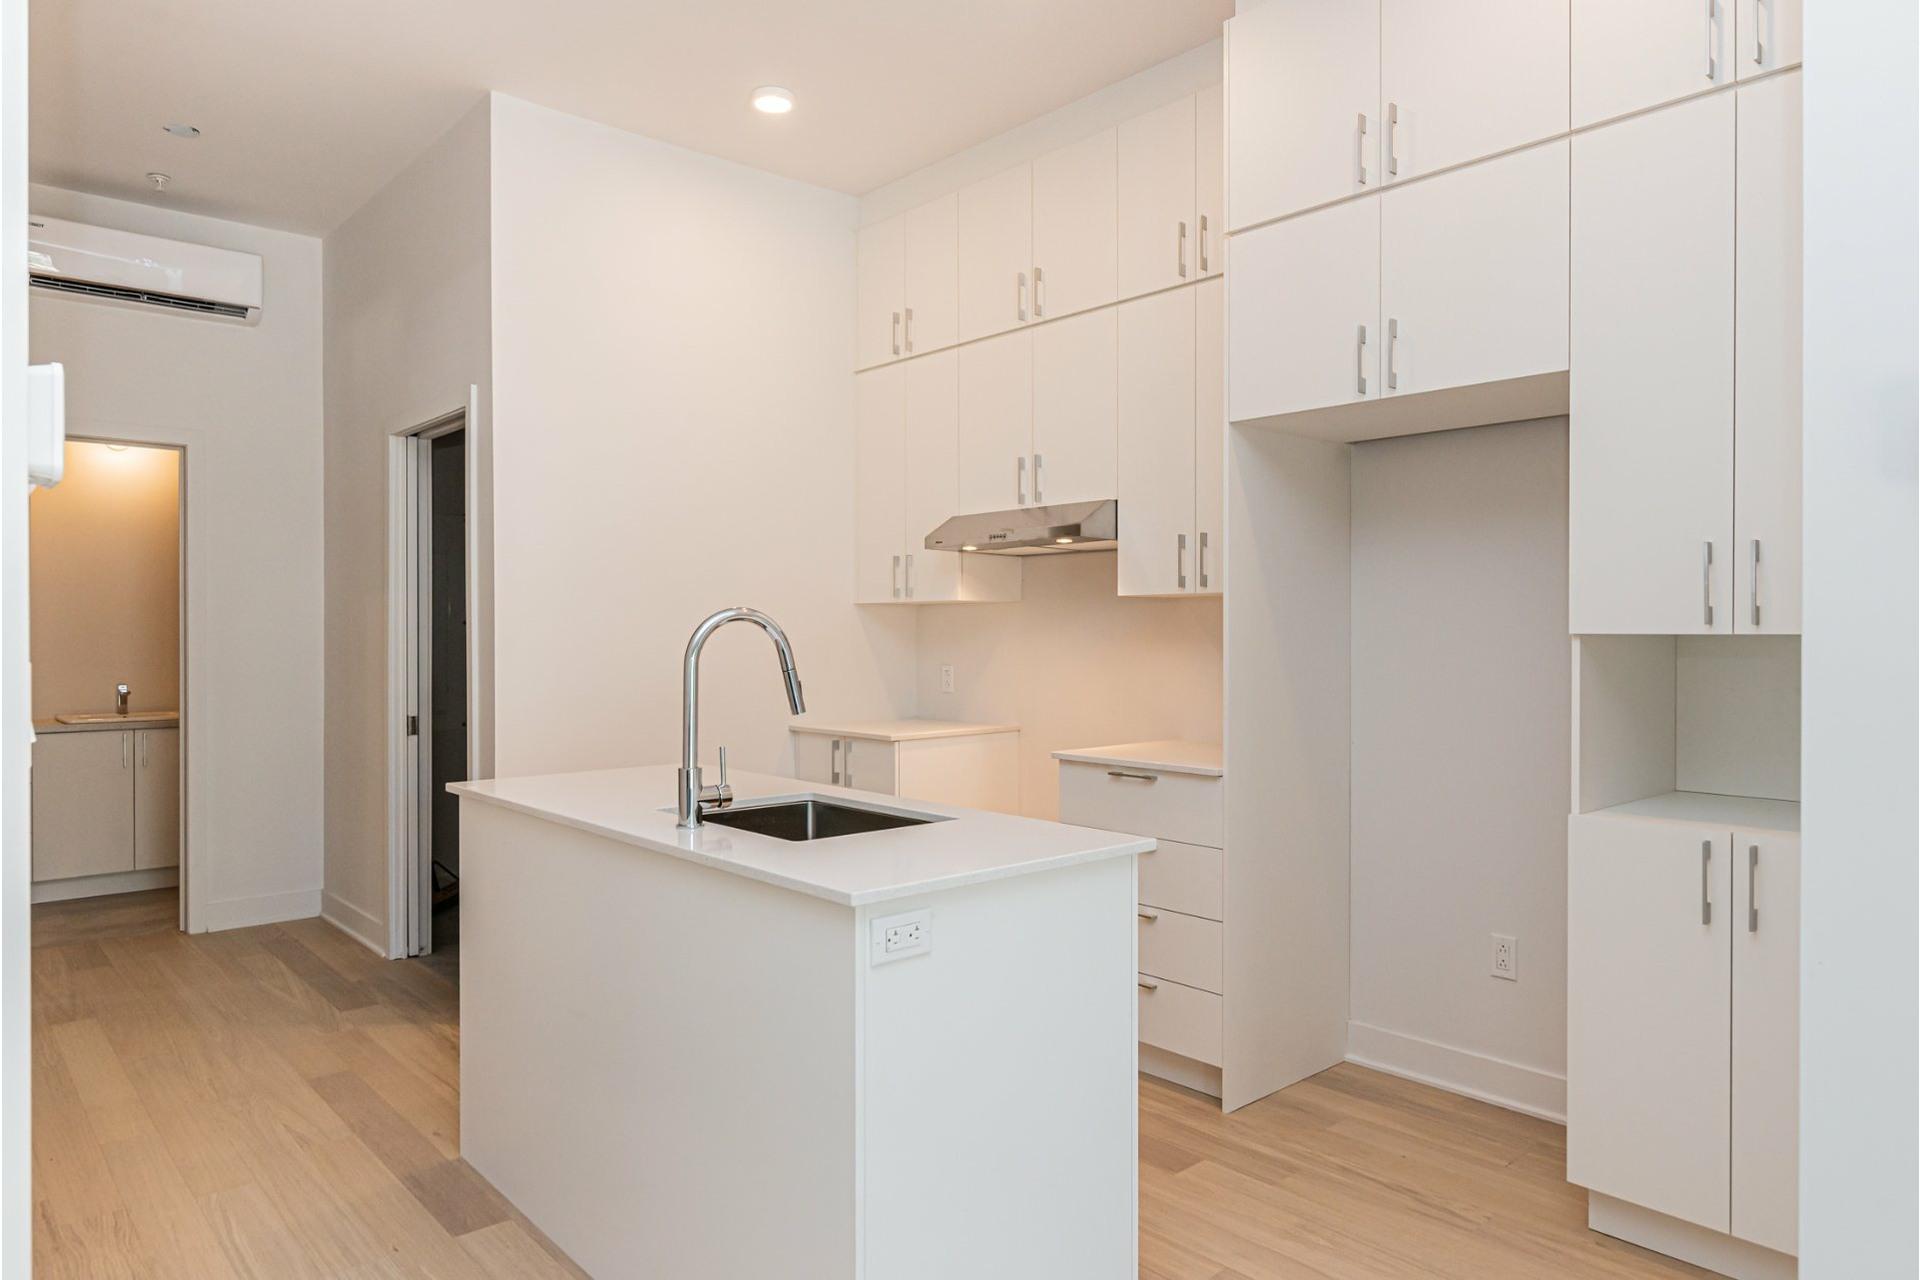 image 19 - Appartement À vendre Rosemont/La Petite-Patrie Montréal  - 5 pièces